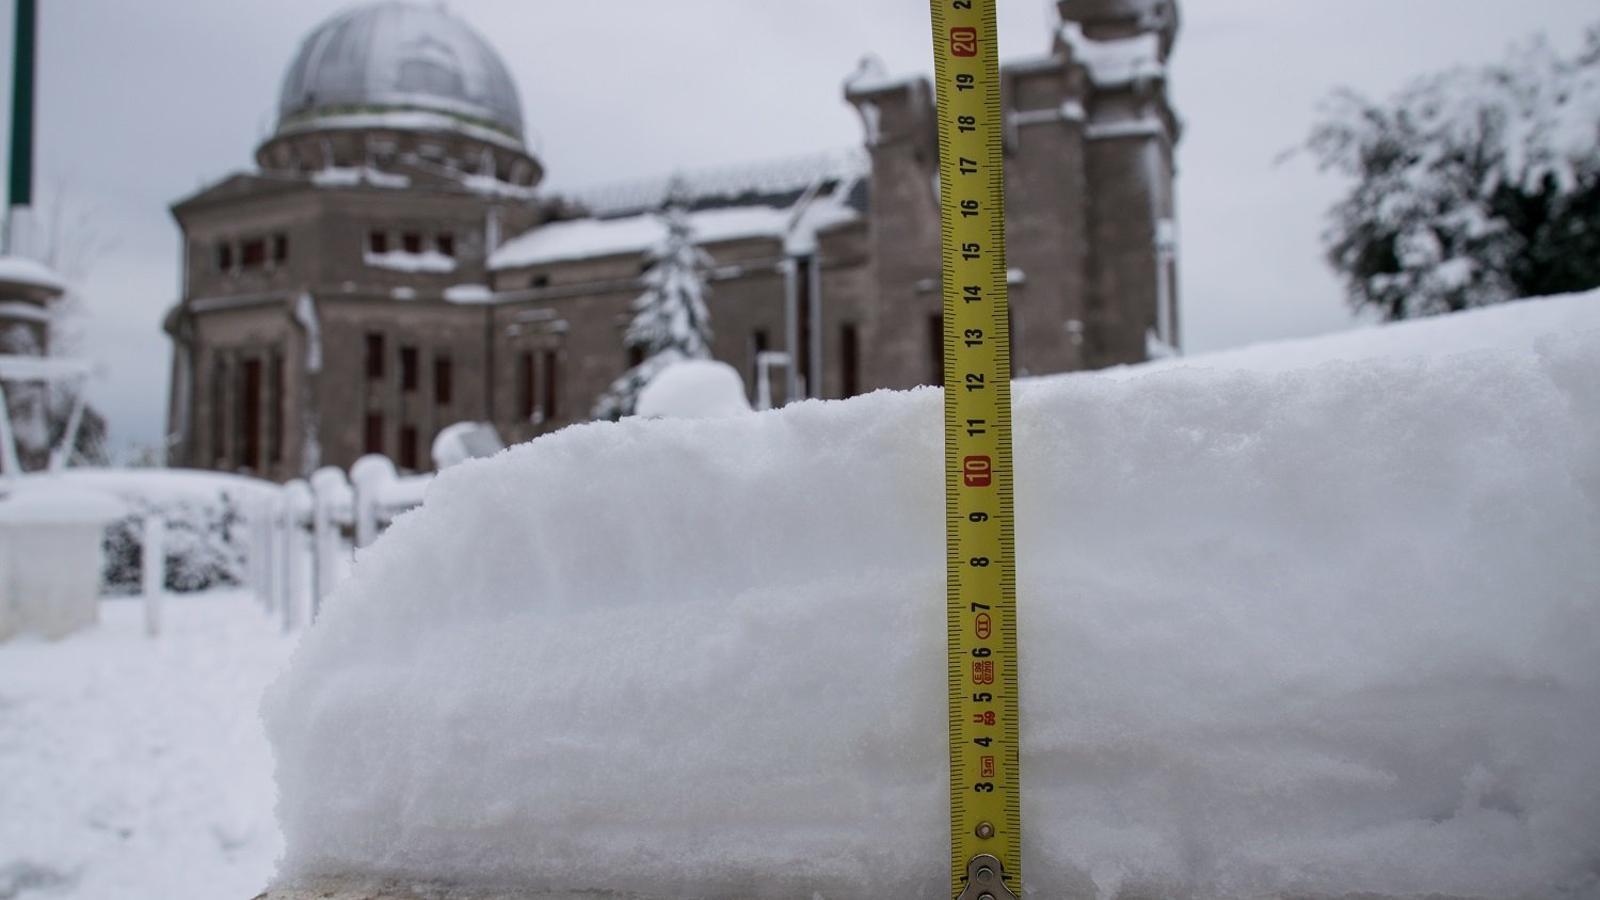 Una nevada històrica al Tibidabo, però no la més tardana